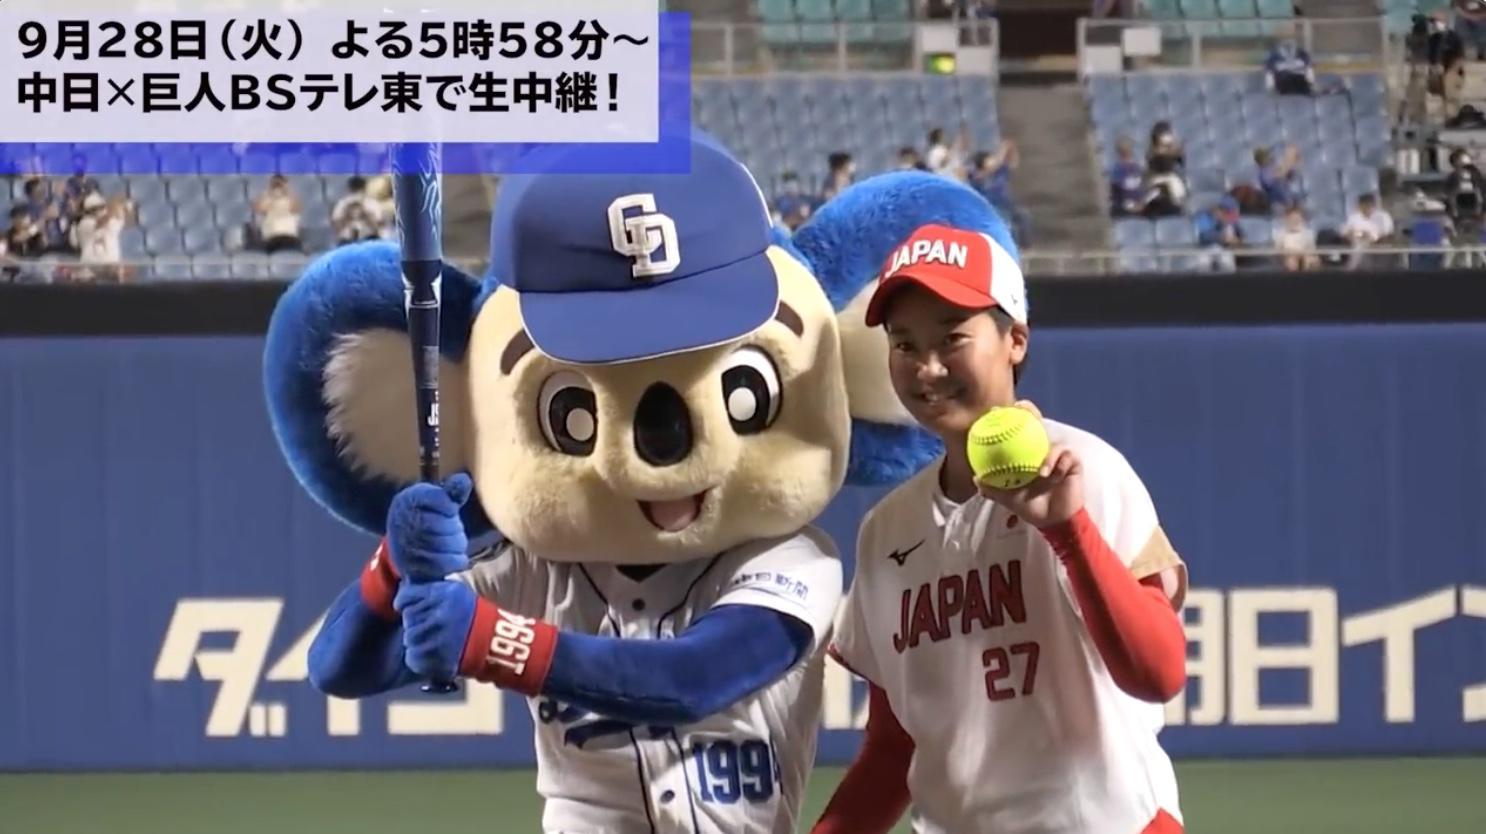 東京五輪ソフト金・後藤希友 人生初の始球式で102キロの剛速球を披露!